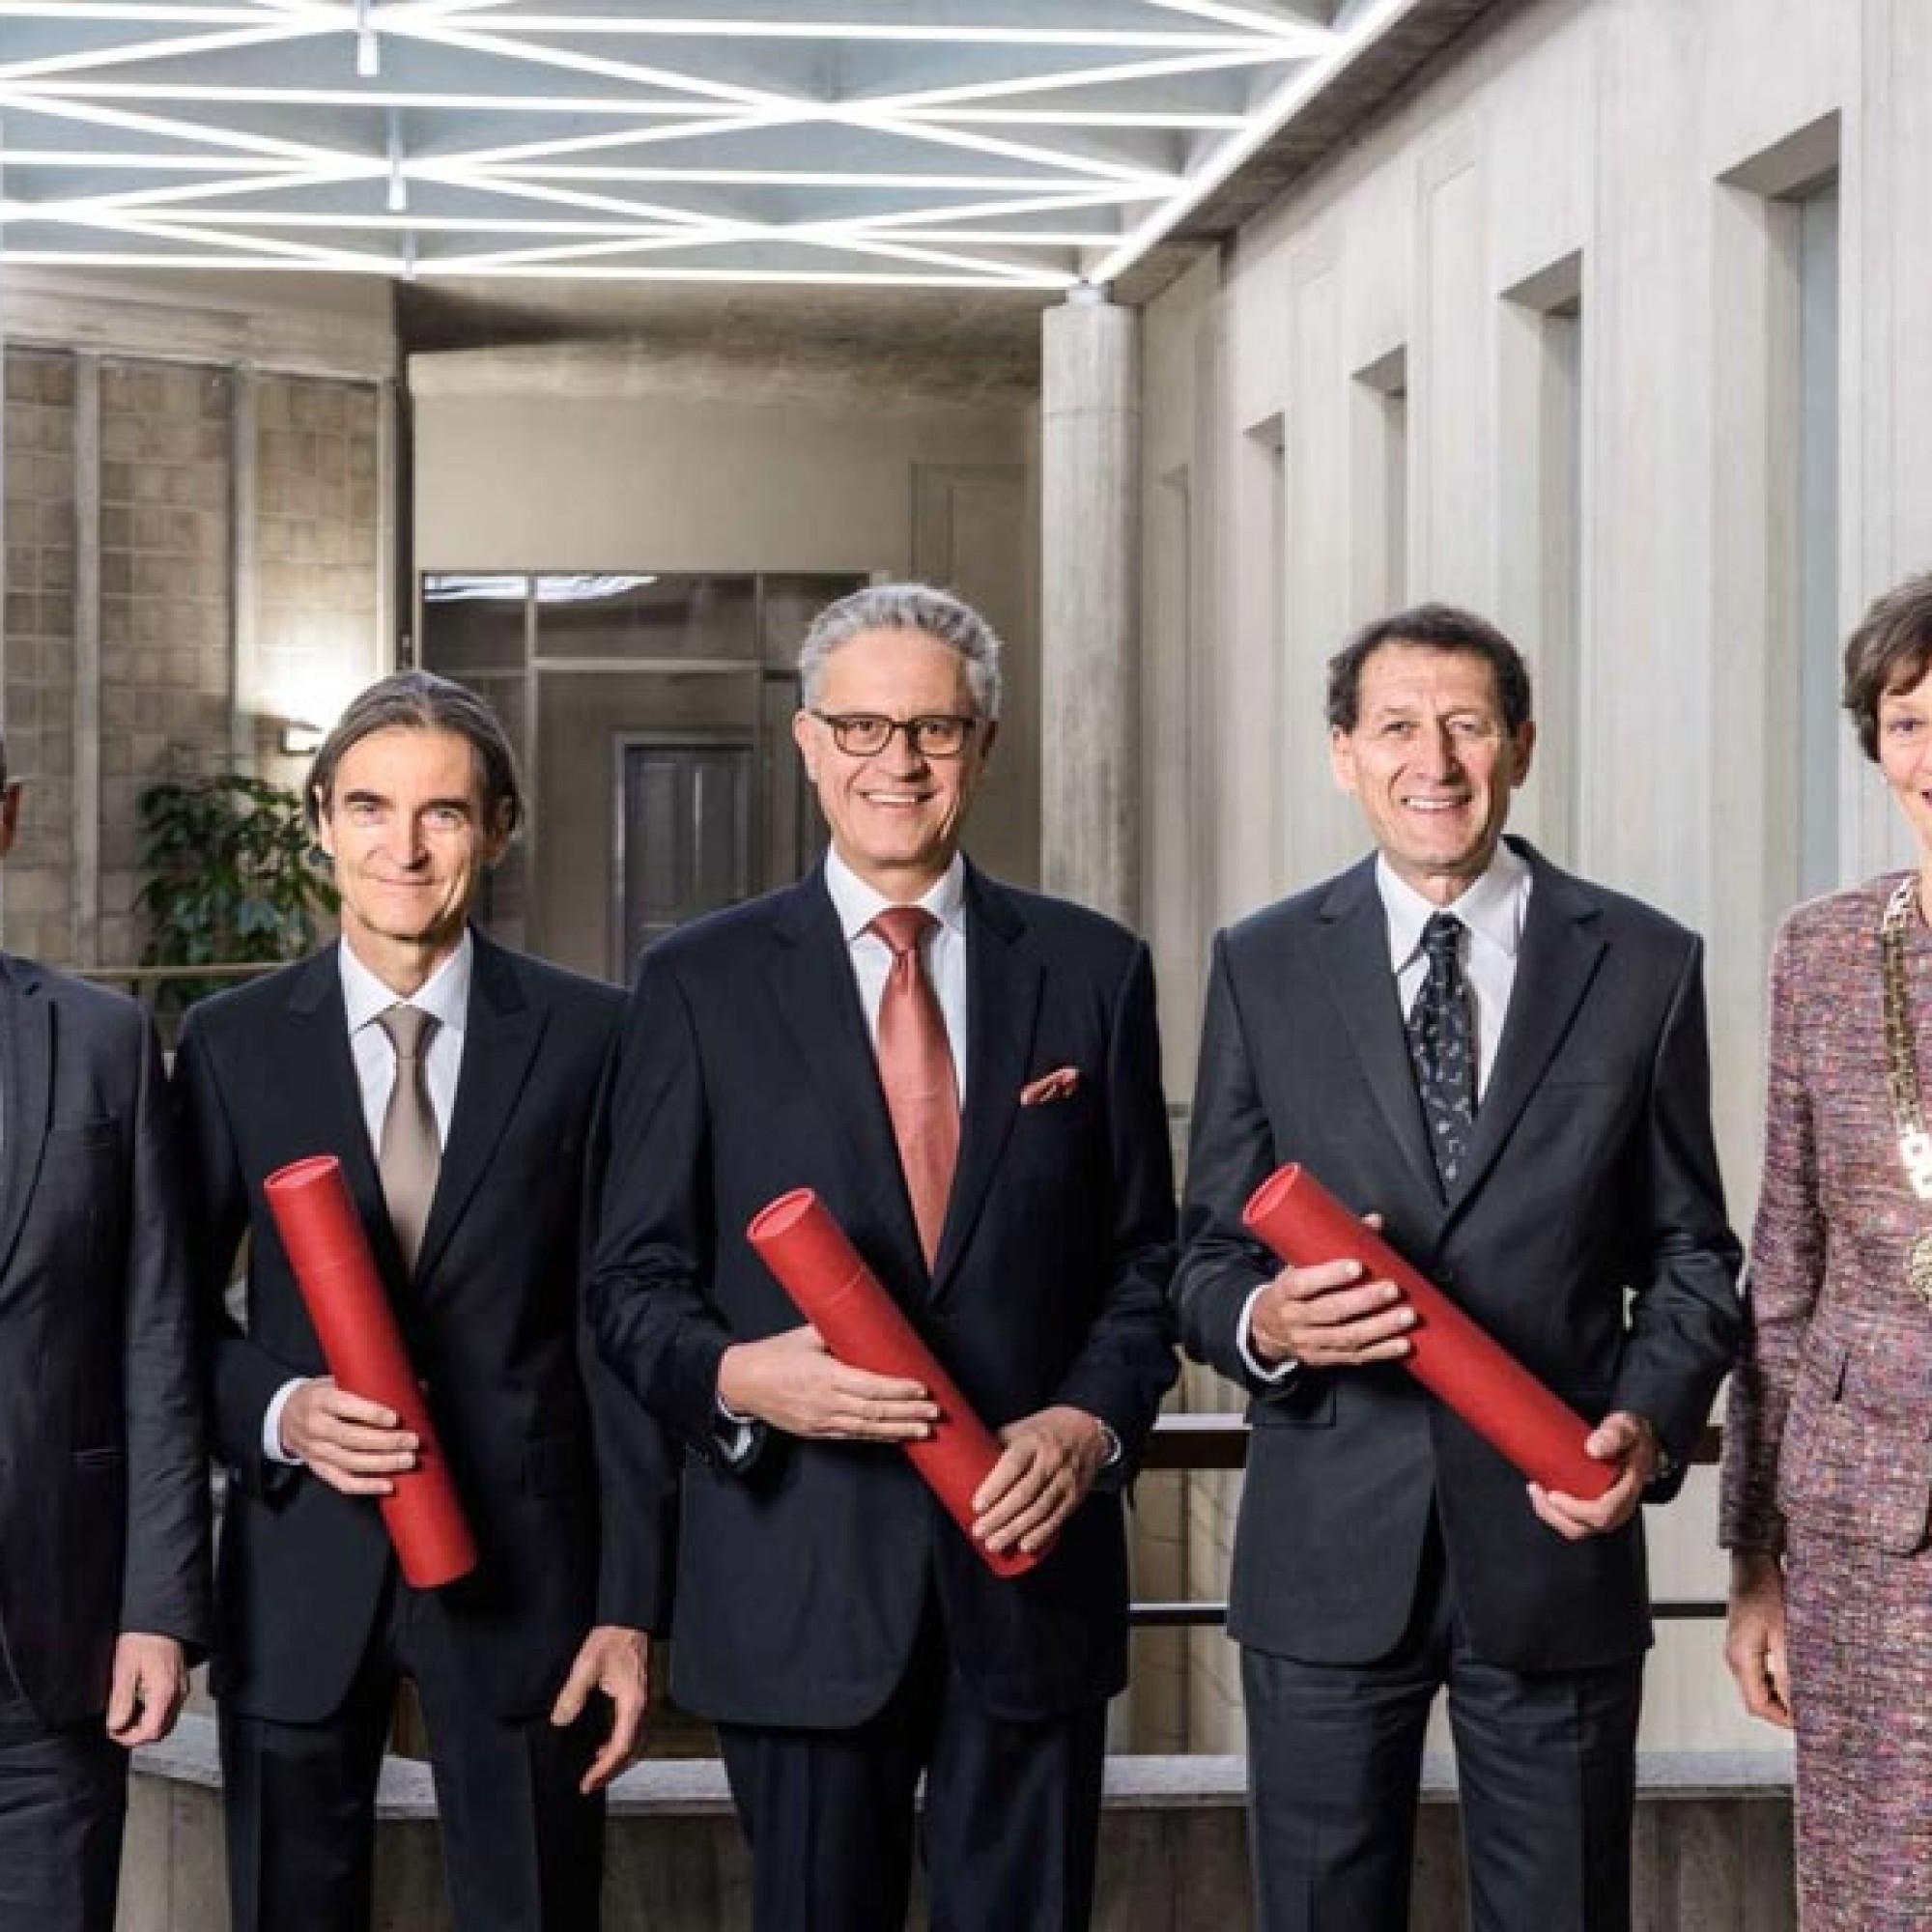 Der Präsident der ETH Zürich, Prof. Dr. Lino Guzzella, Dr. Thomas Knecht, Ehrenrat der ETH Zürich, die beiden neuen Ehrendoktor der ETH Zürich, Prof. Dr. Thomas F. Stocker und Max Ernst Meyer sowie die Rektorin der ETH Zürich, Prof. Dr. Sarah M. Springman